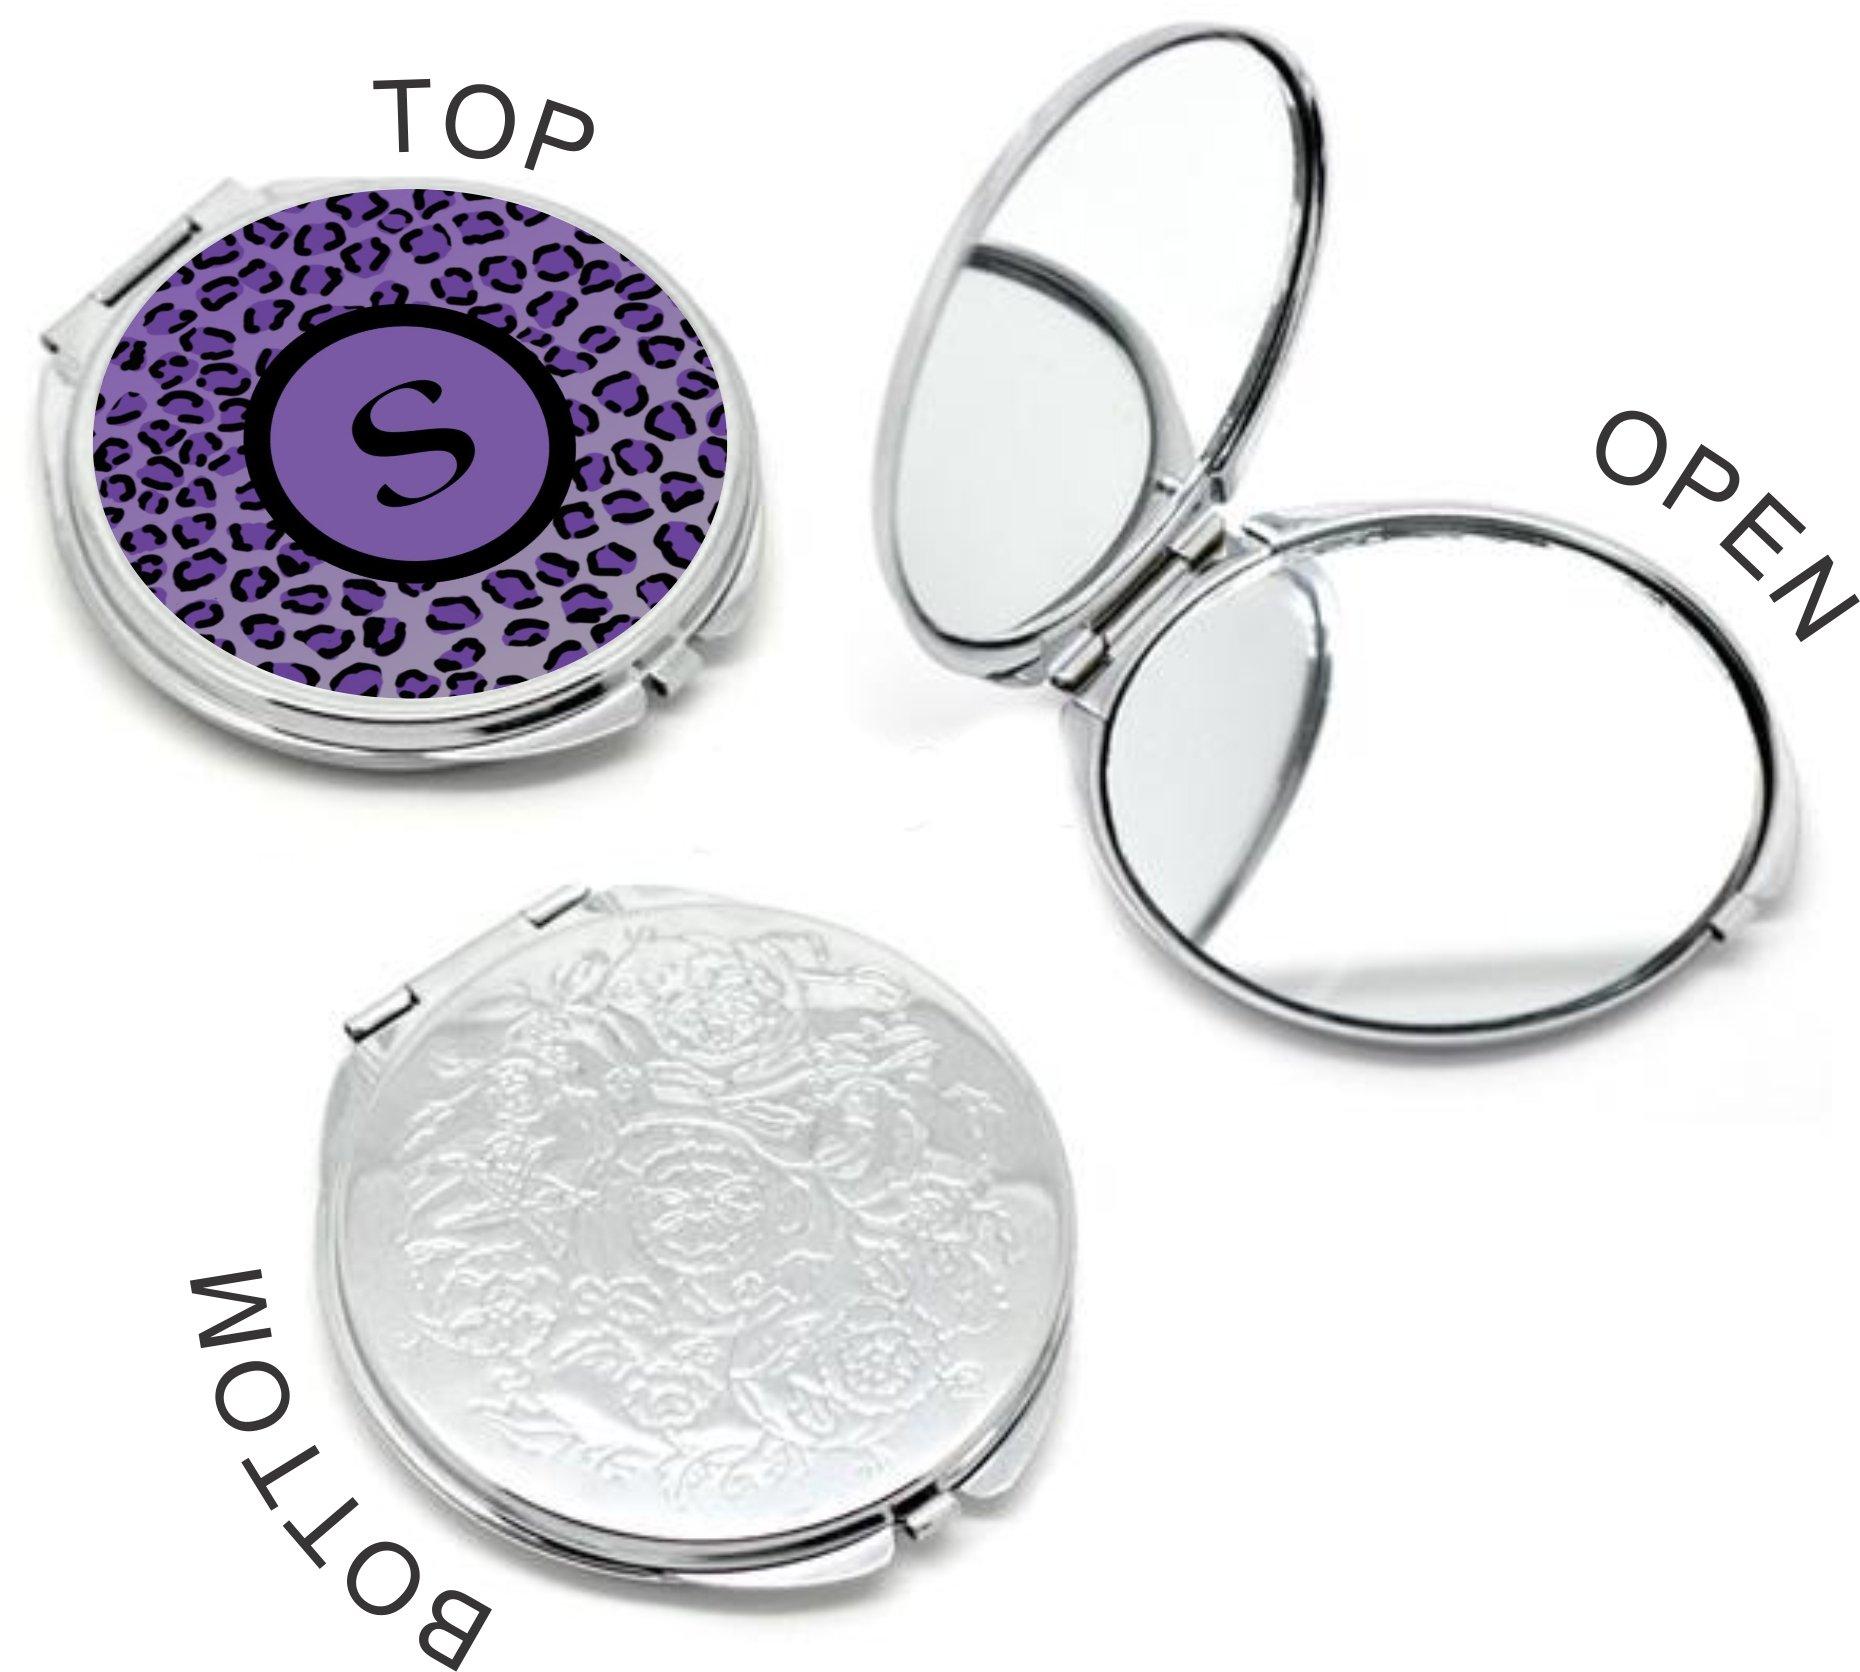 Rikki Knight Letter''S'' Purple Leopard Print Monogrammed Design Round Compact Mirror